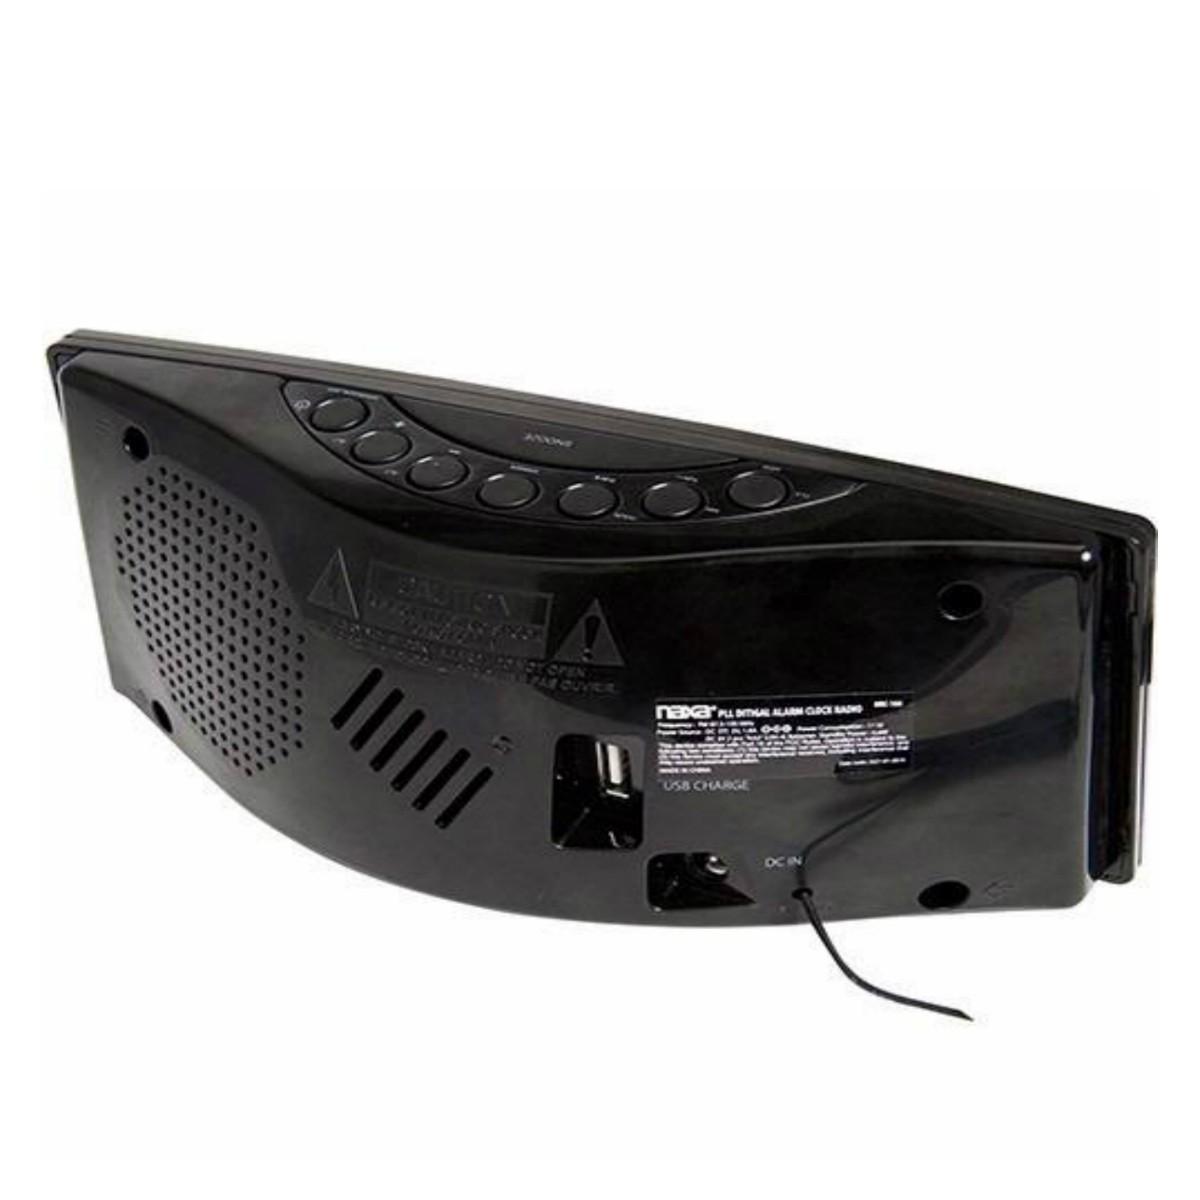 Rádio-Relógio Digital Naxa Am E Fm Com Alarme E Saída USB Para Carga - NRC-166